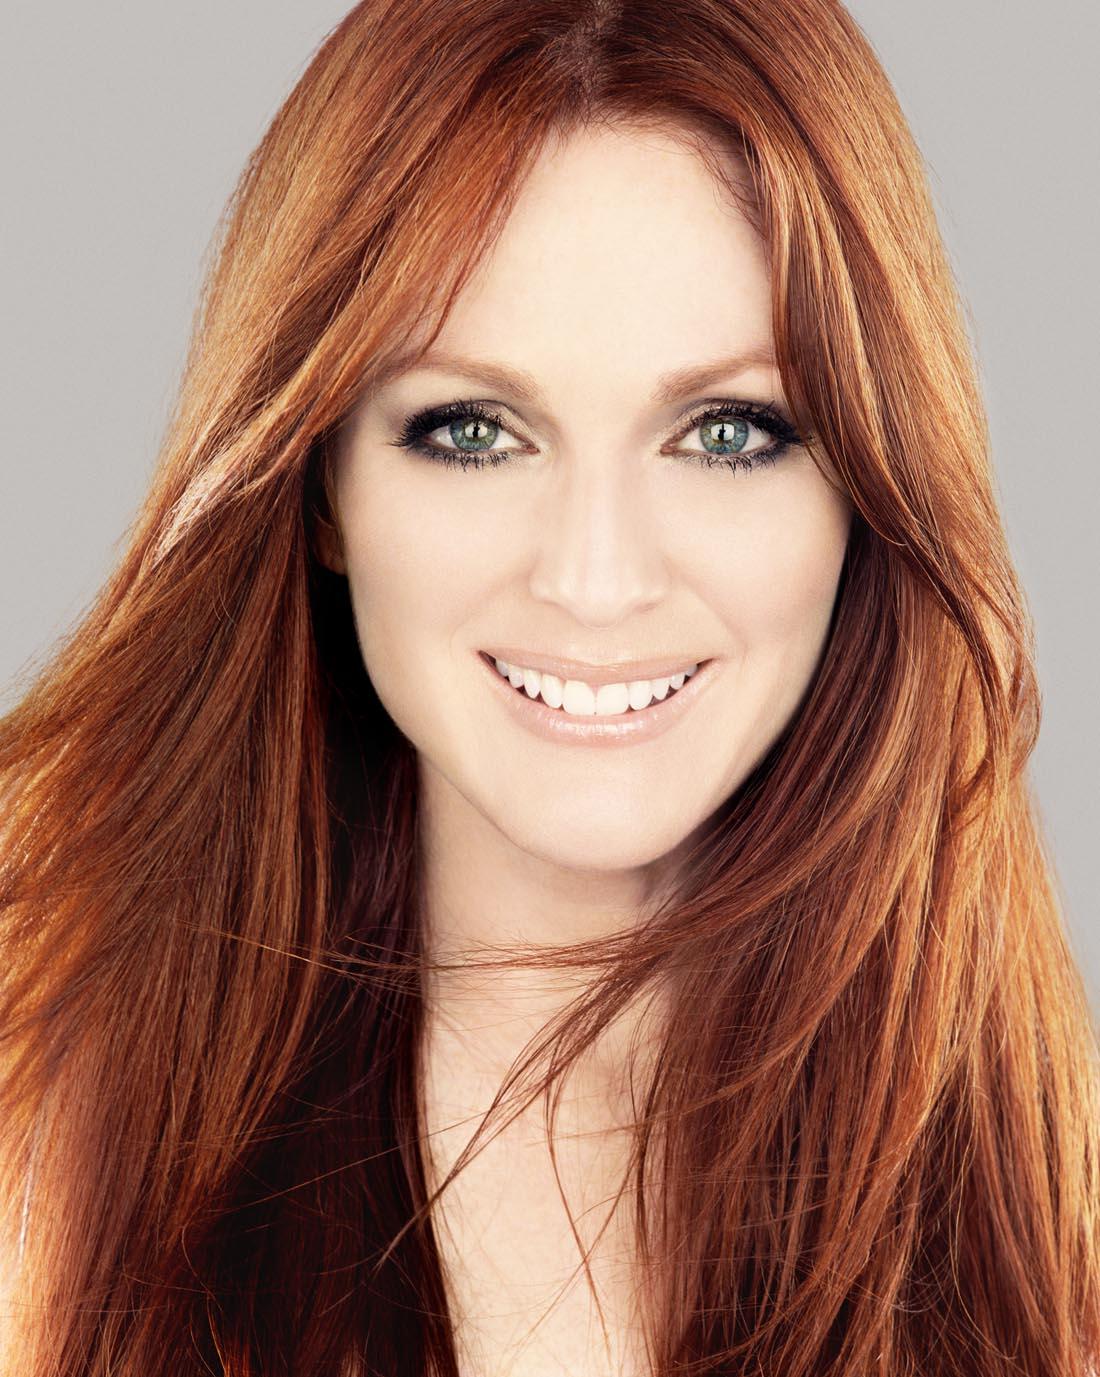 Рыжие волосы и серо-зеленые глазки – необыкновенно красивое сочетание